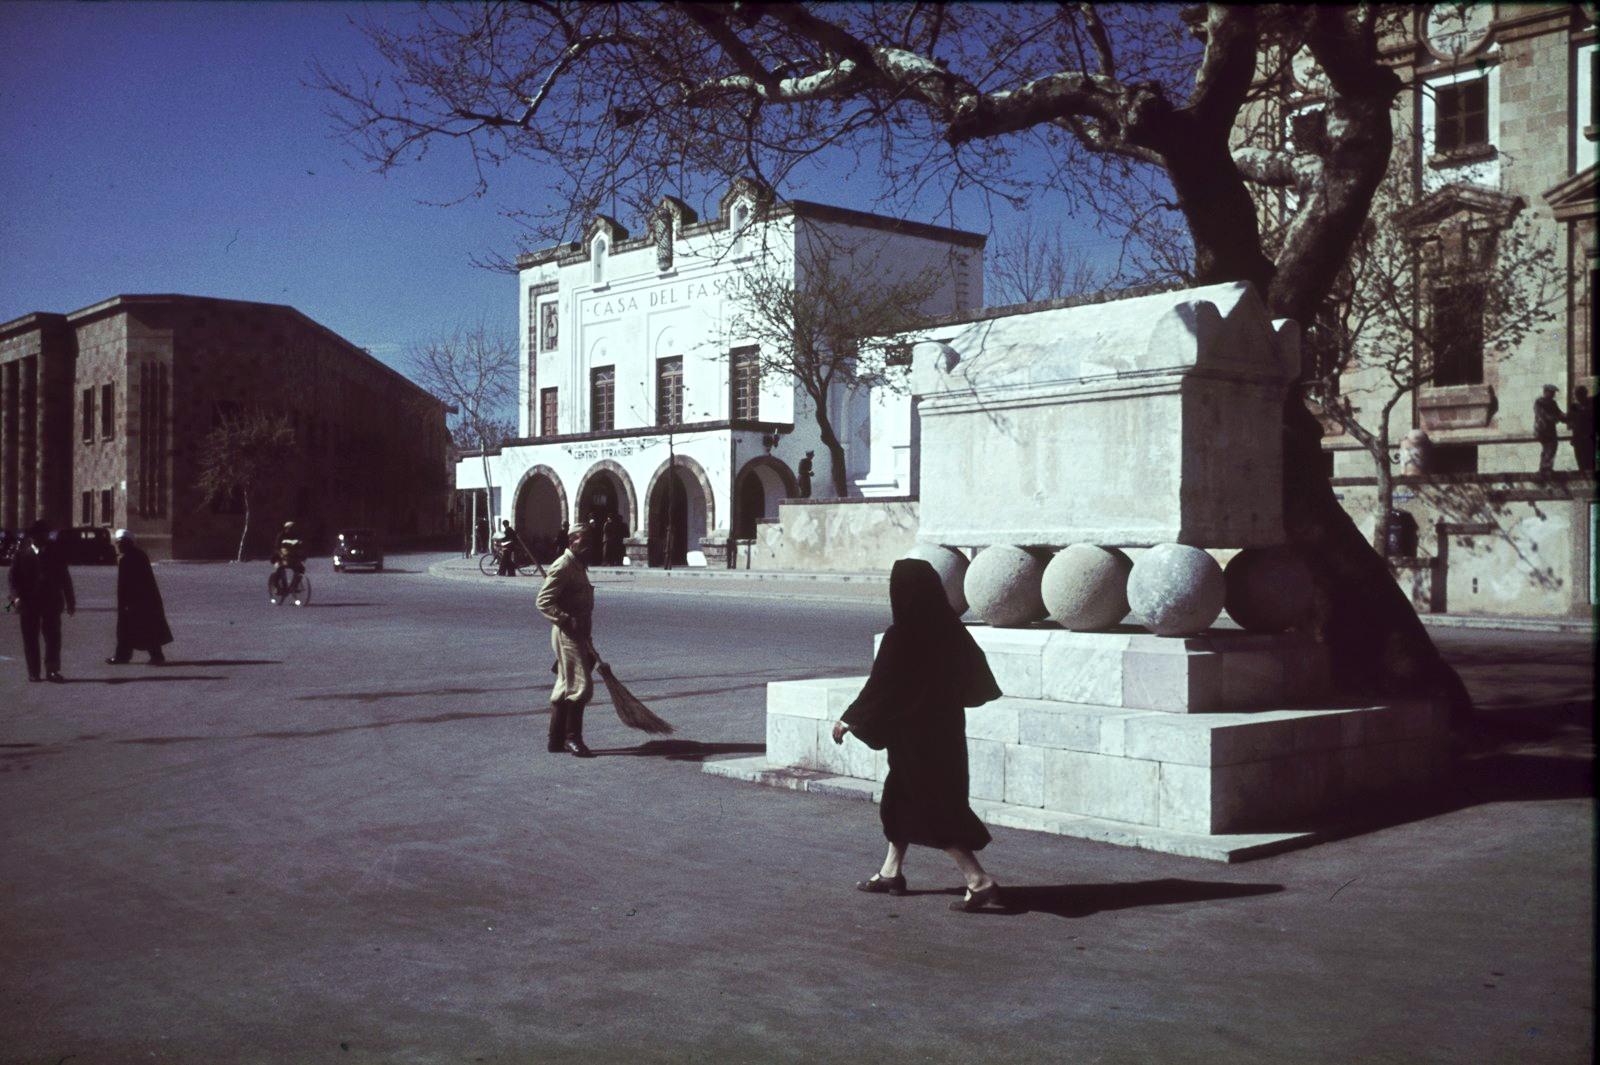 Комо. Уличная сцена с Каза-дель-Фашио итальянского архитектора Джузеппе Терраньи